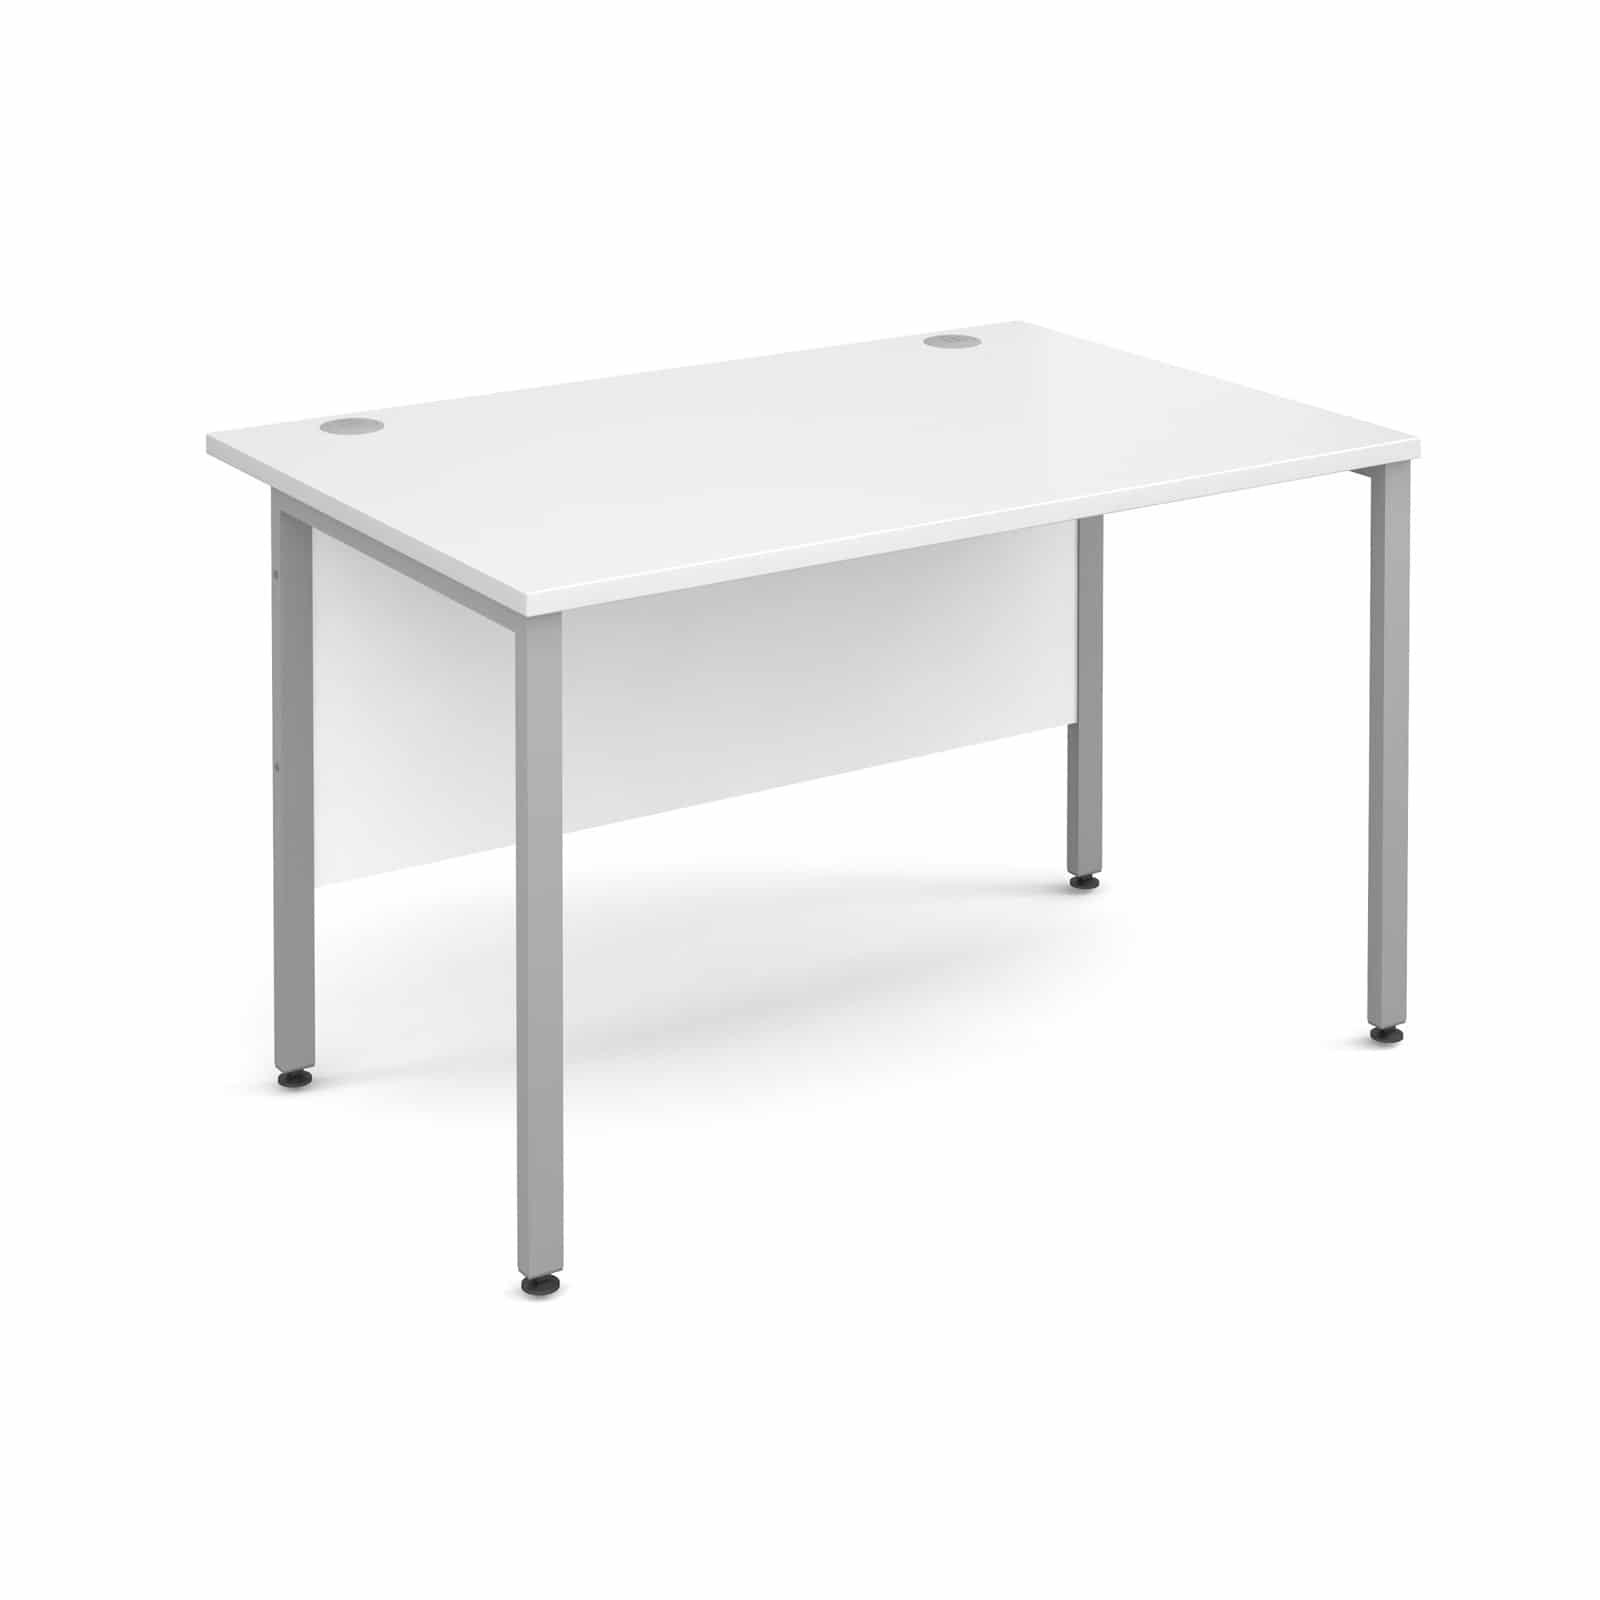 H Frame 1800 X 800mm Straight White Ergonomic Office Desk